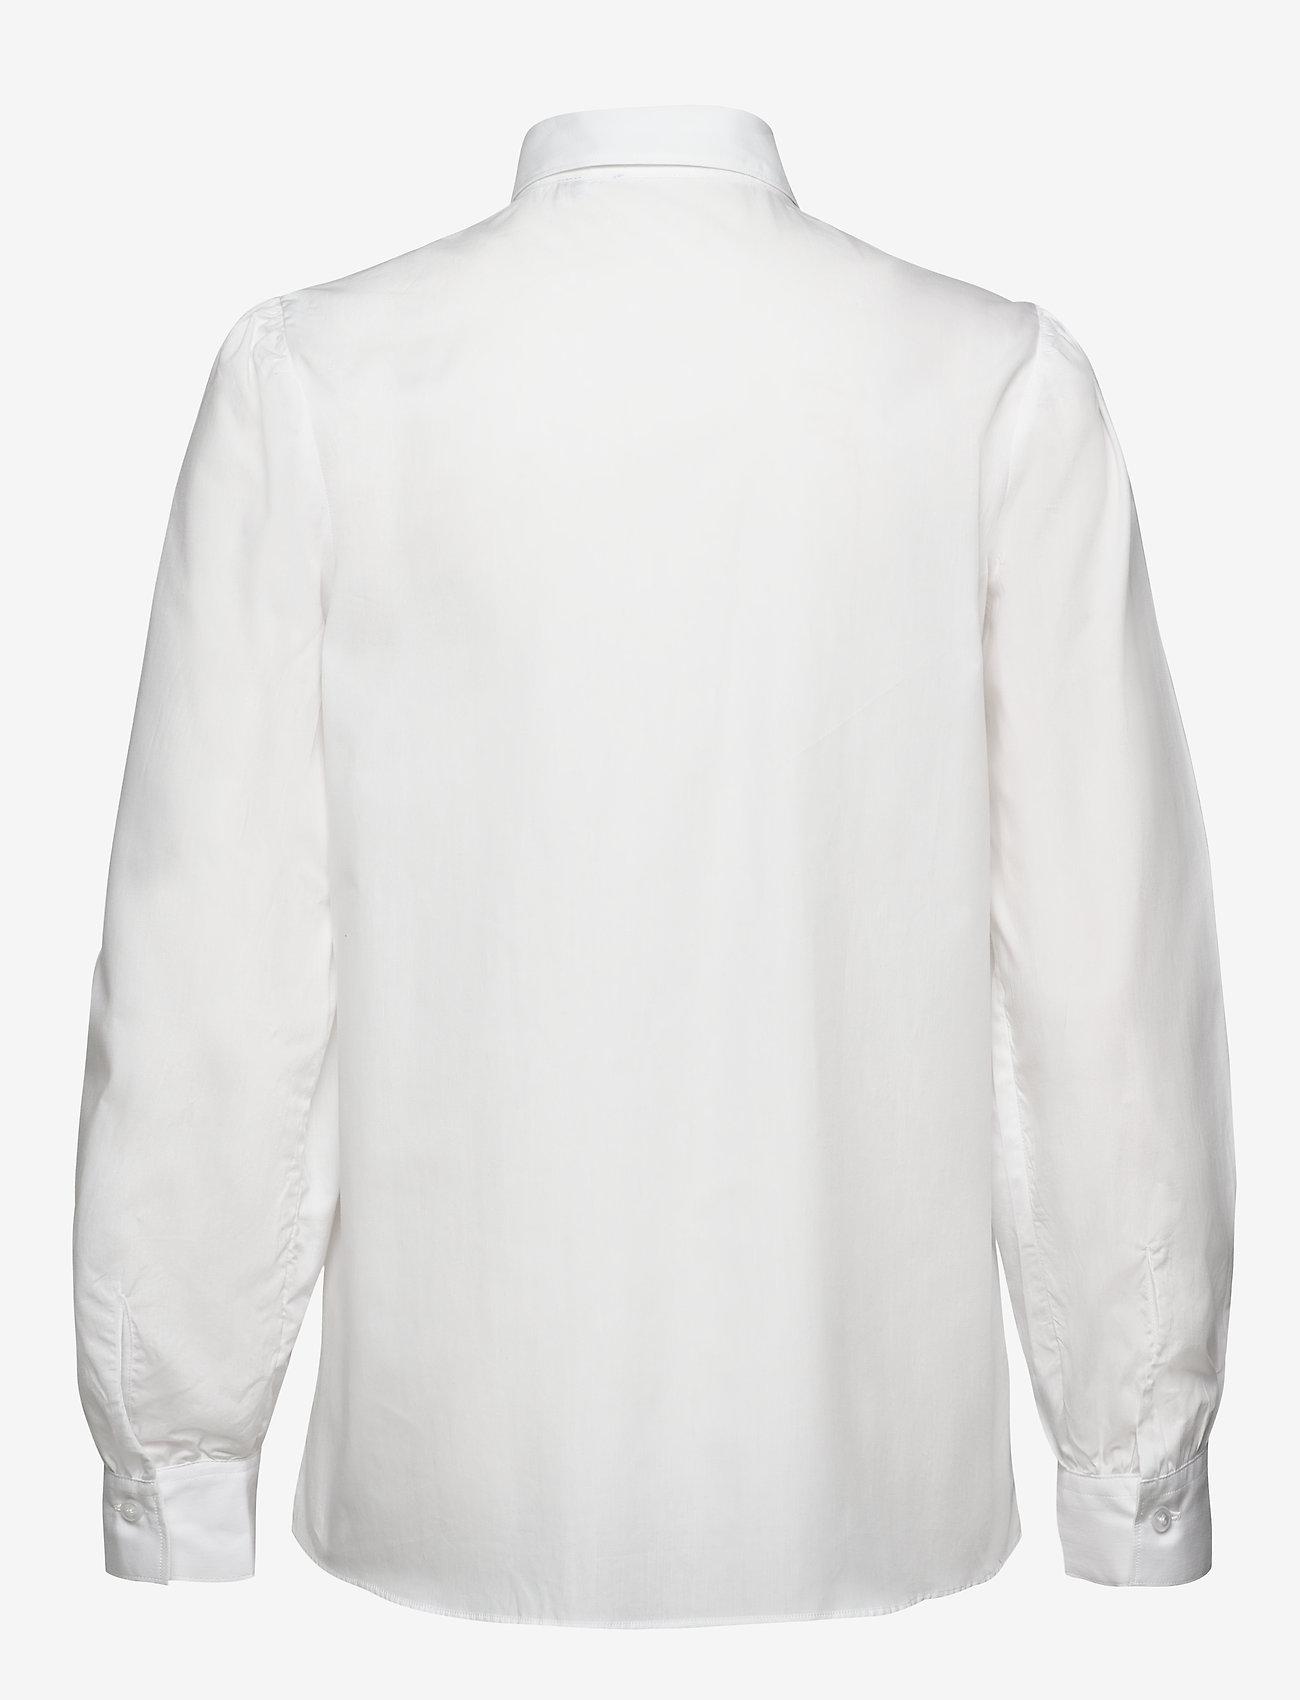 SAND - 8704 - Loreto - långärmade skjortor - optical white - 1